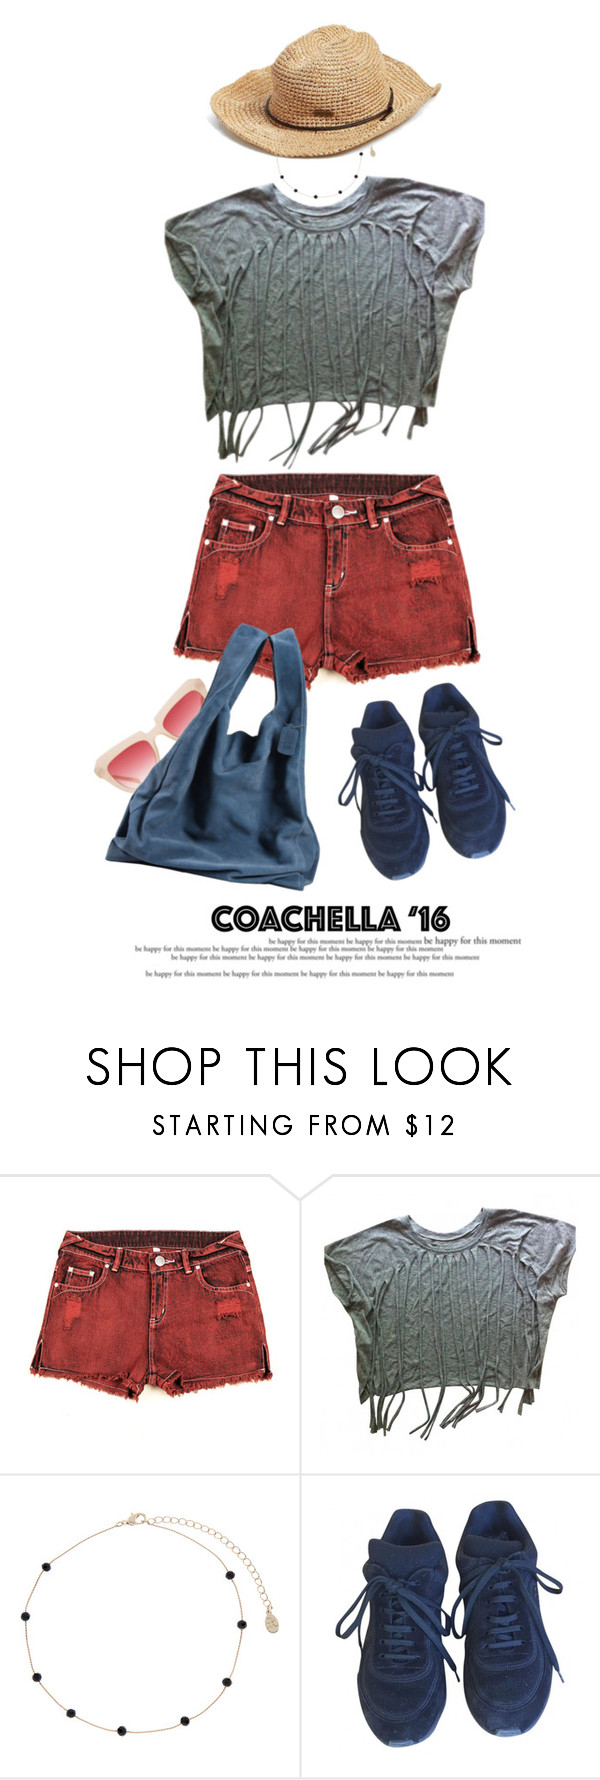 Coachella color mixing